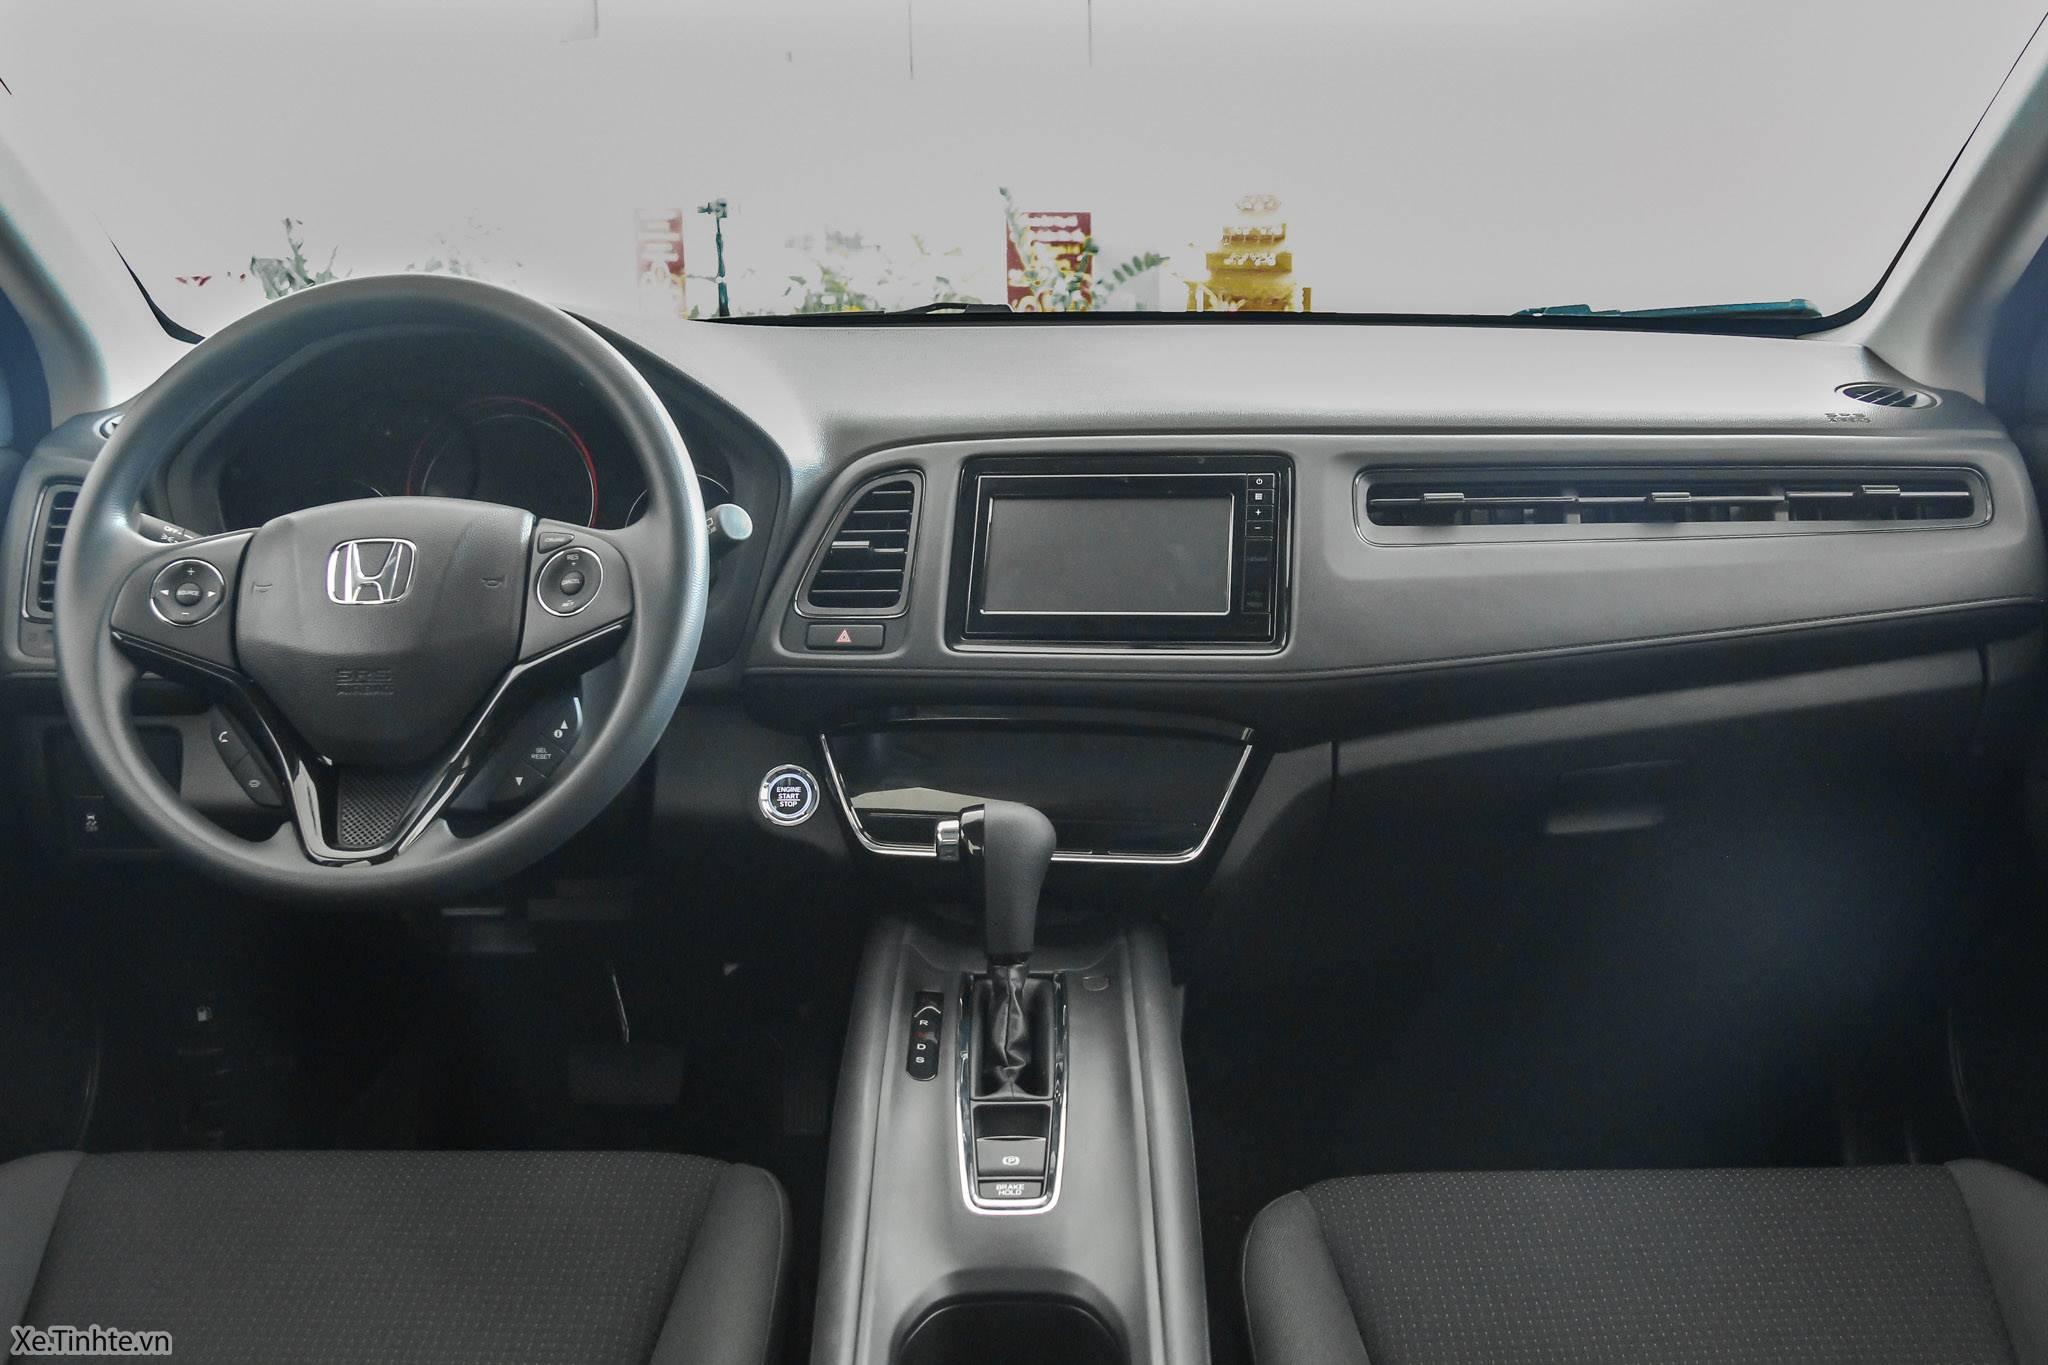 Honda_HR-V_G_2018_Xe_Tinhte_014.jpg